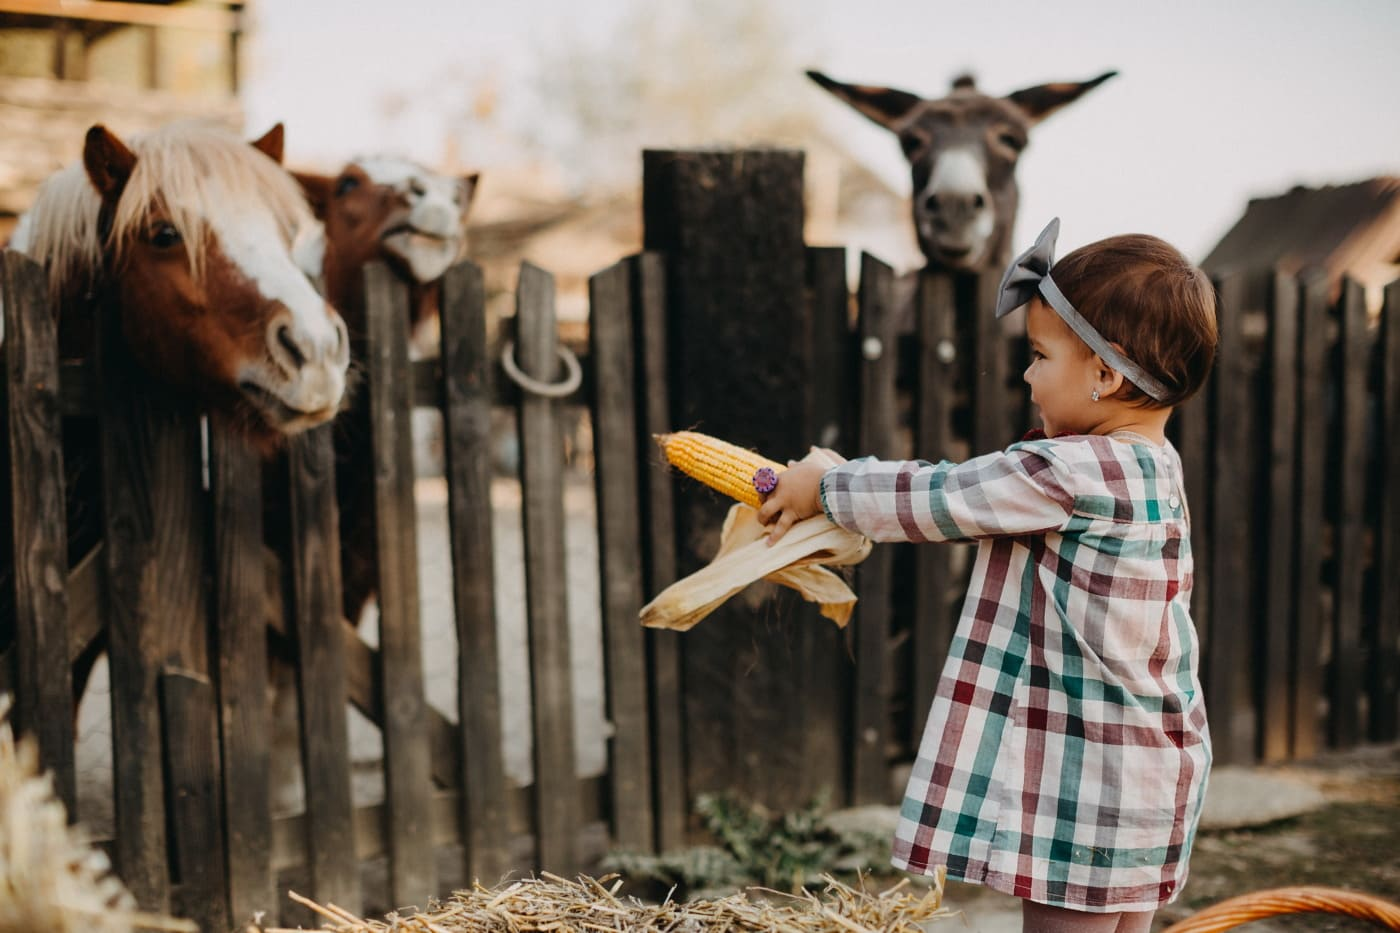 djetinjstvo, lijepa djevojka, zabava, poljoprivredno zemljište, životinje, konji, magarac, seoska kuća, dijete, farma